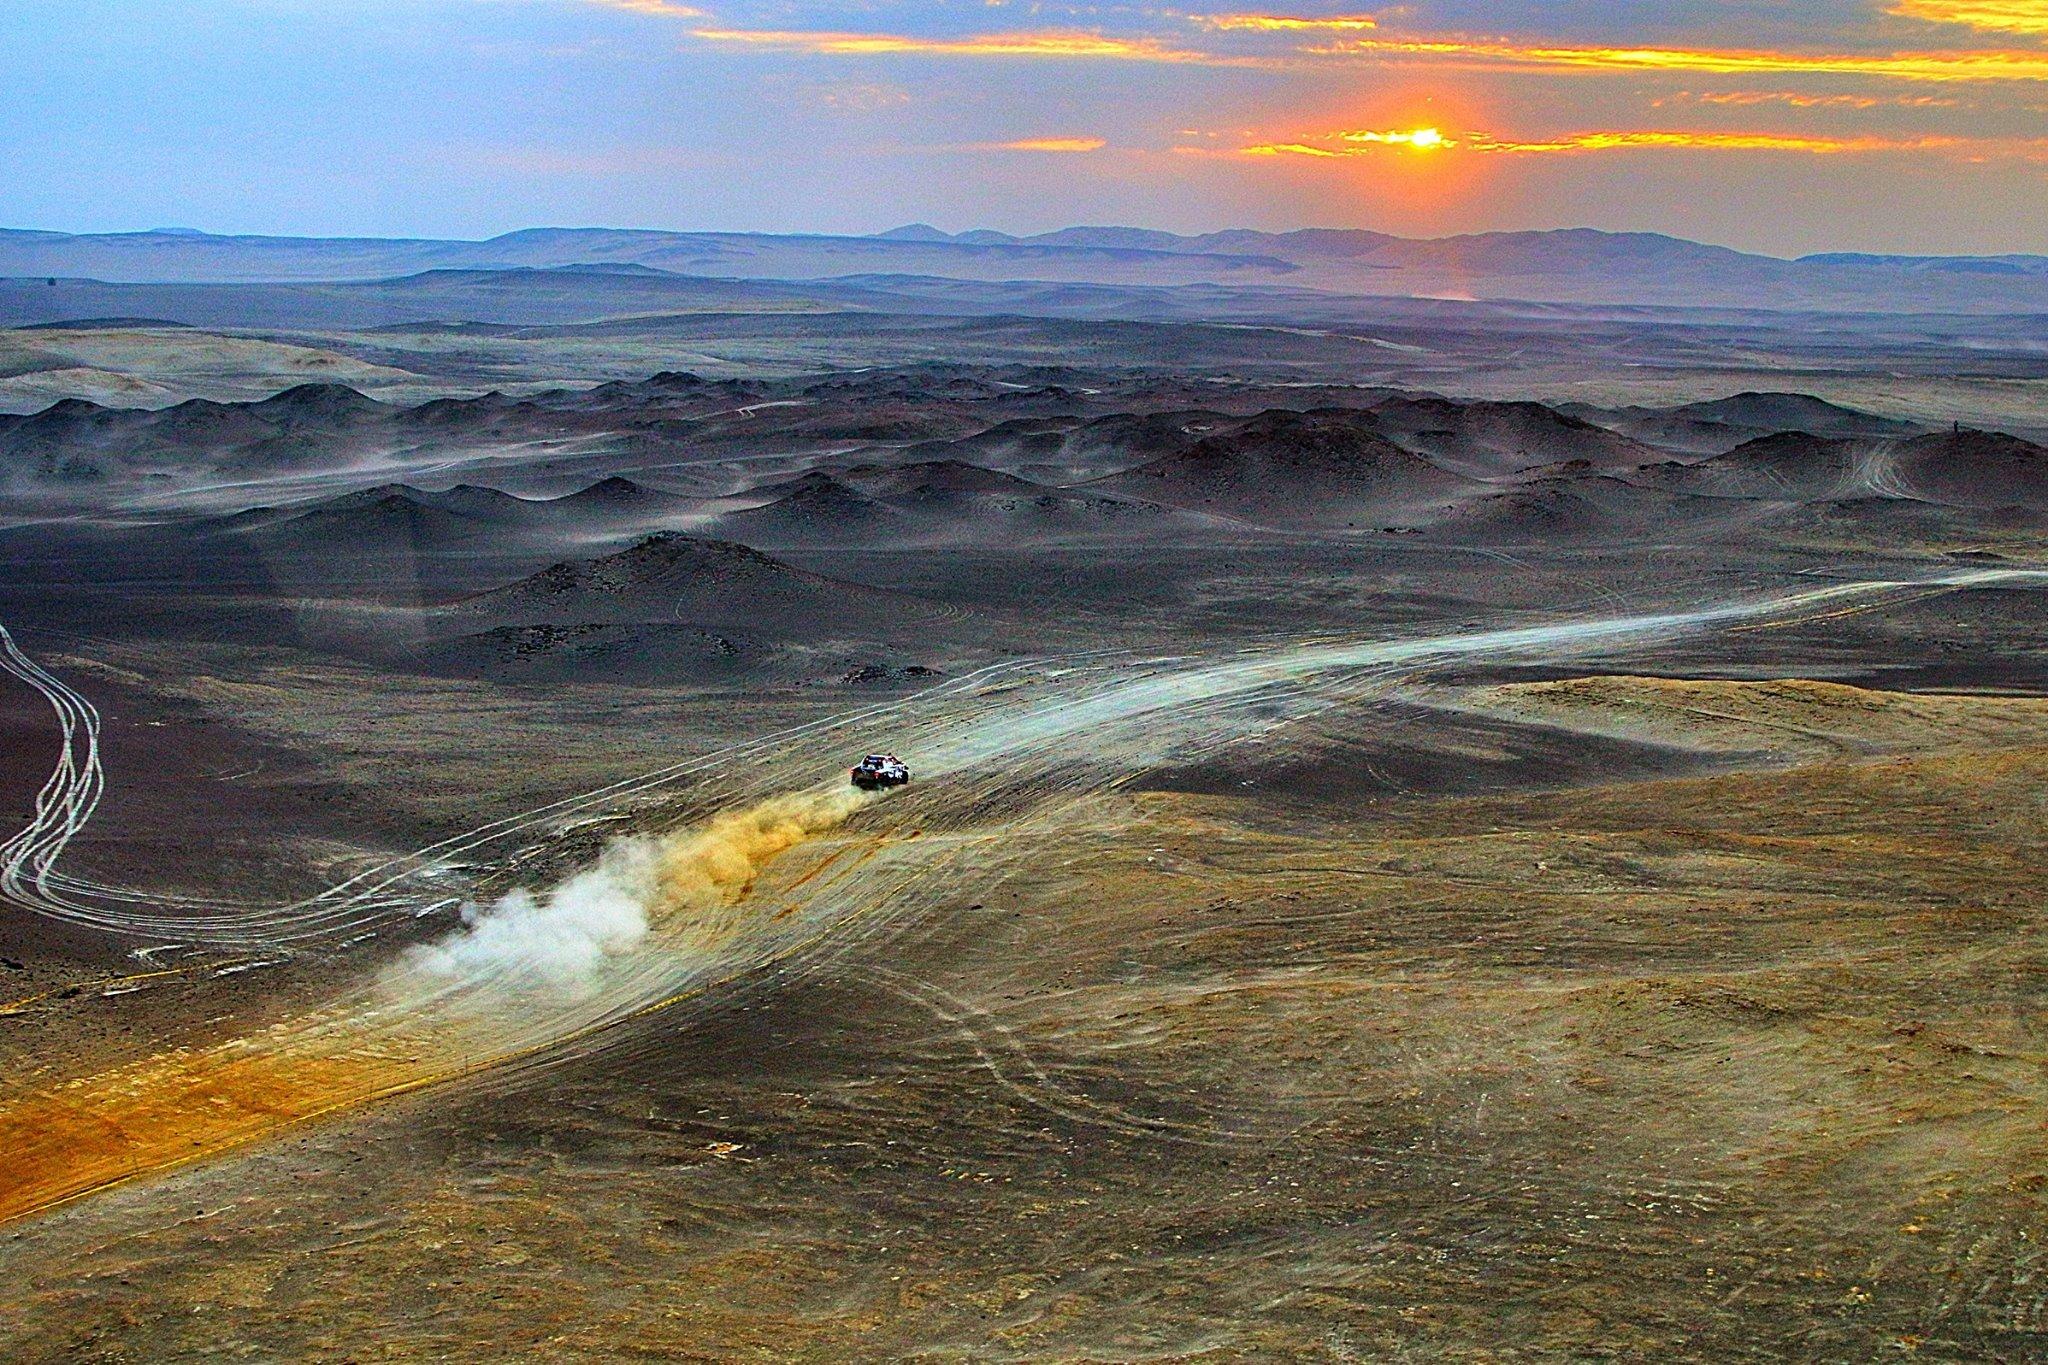 Rally Dakar 2018 Day 2 (30)